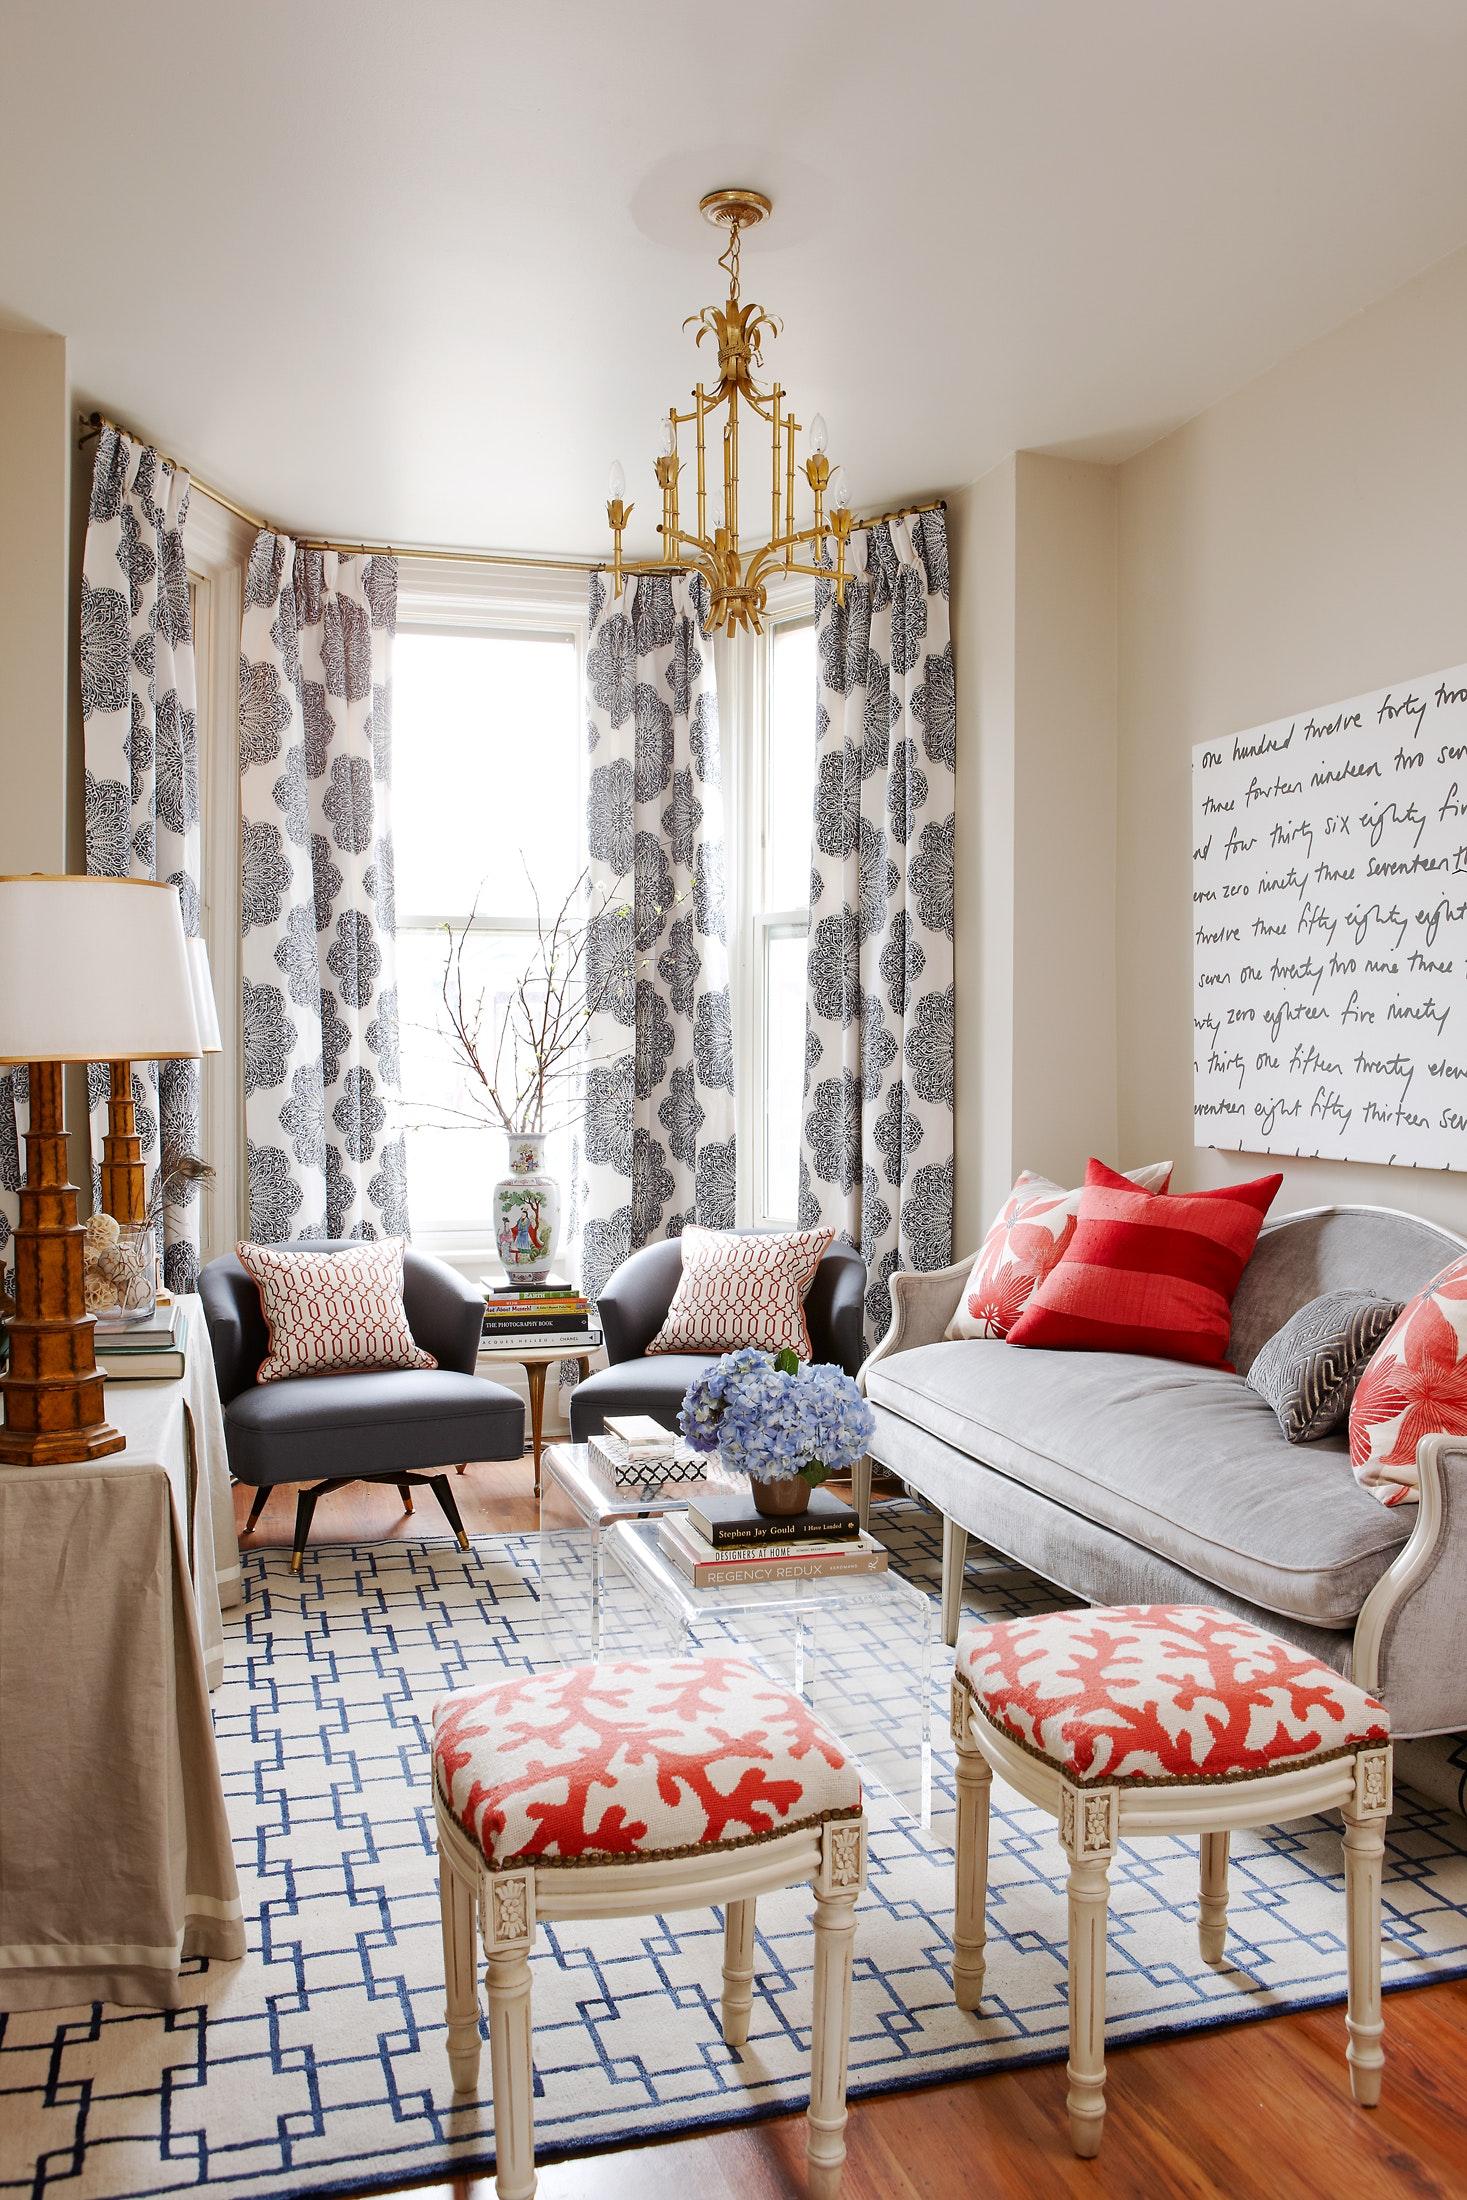 Những căn phòng khách khiến bạn phải lấy giấy bút học tập ngay cách thiết kế - Ảnh 5.